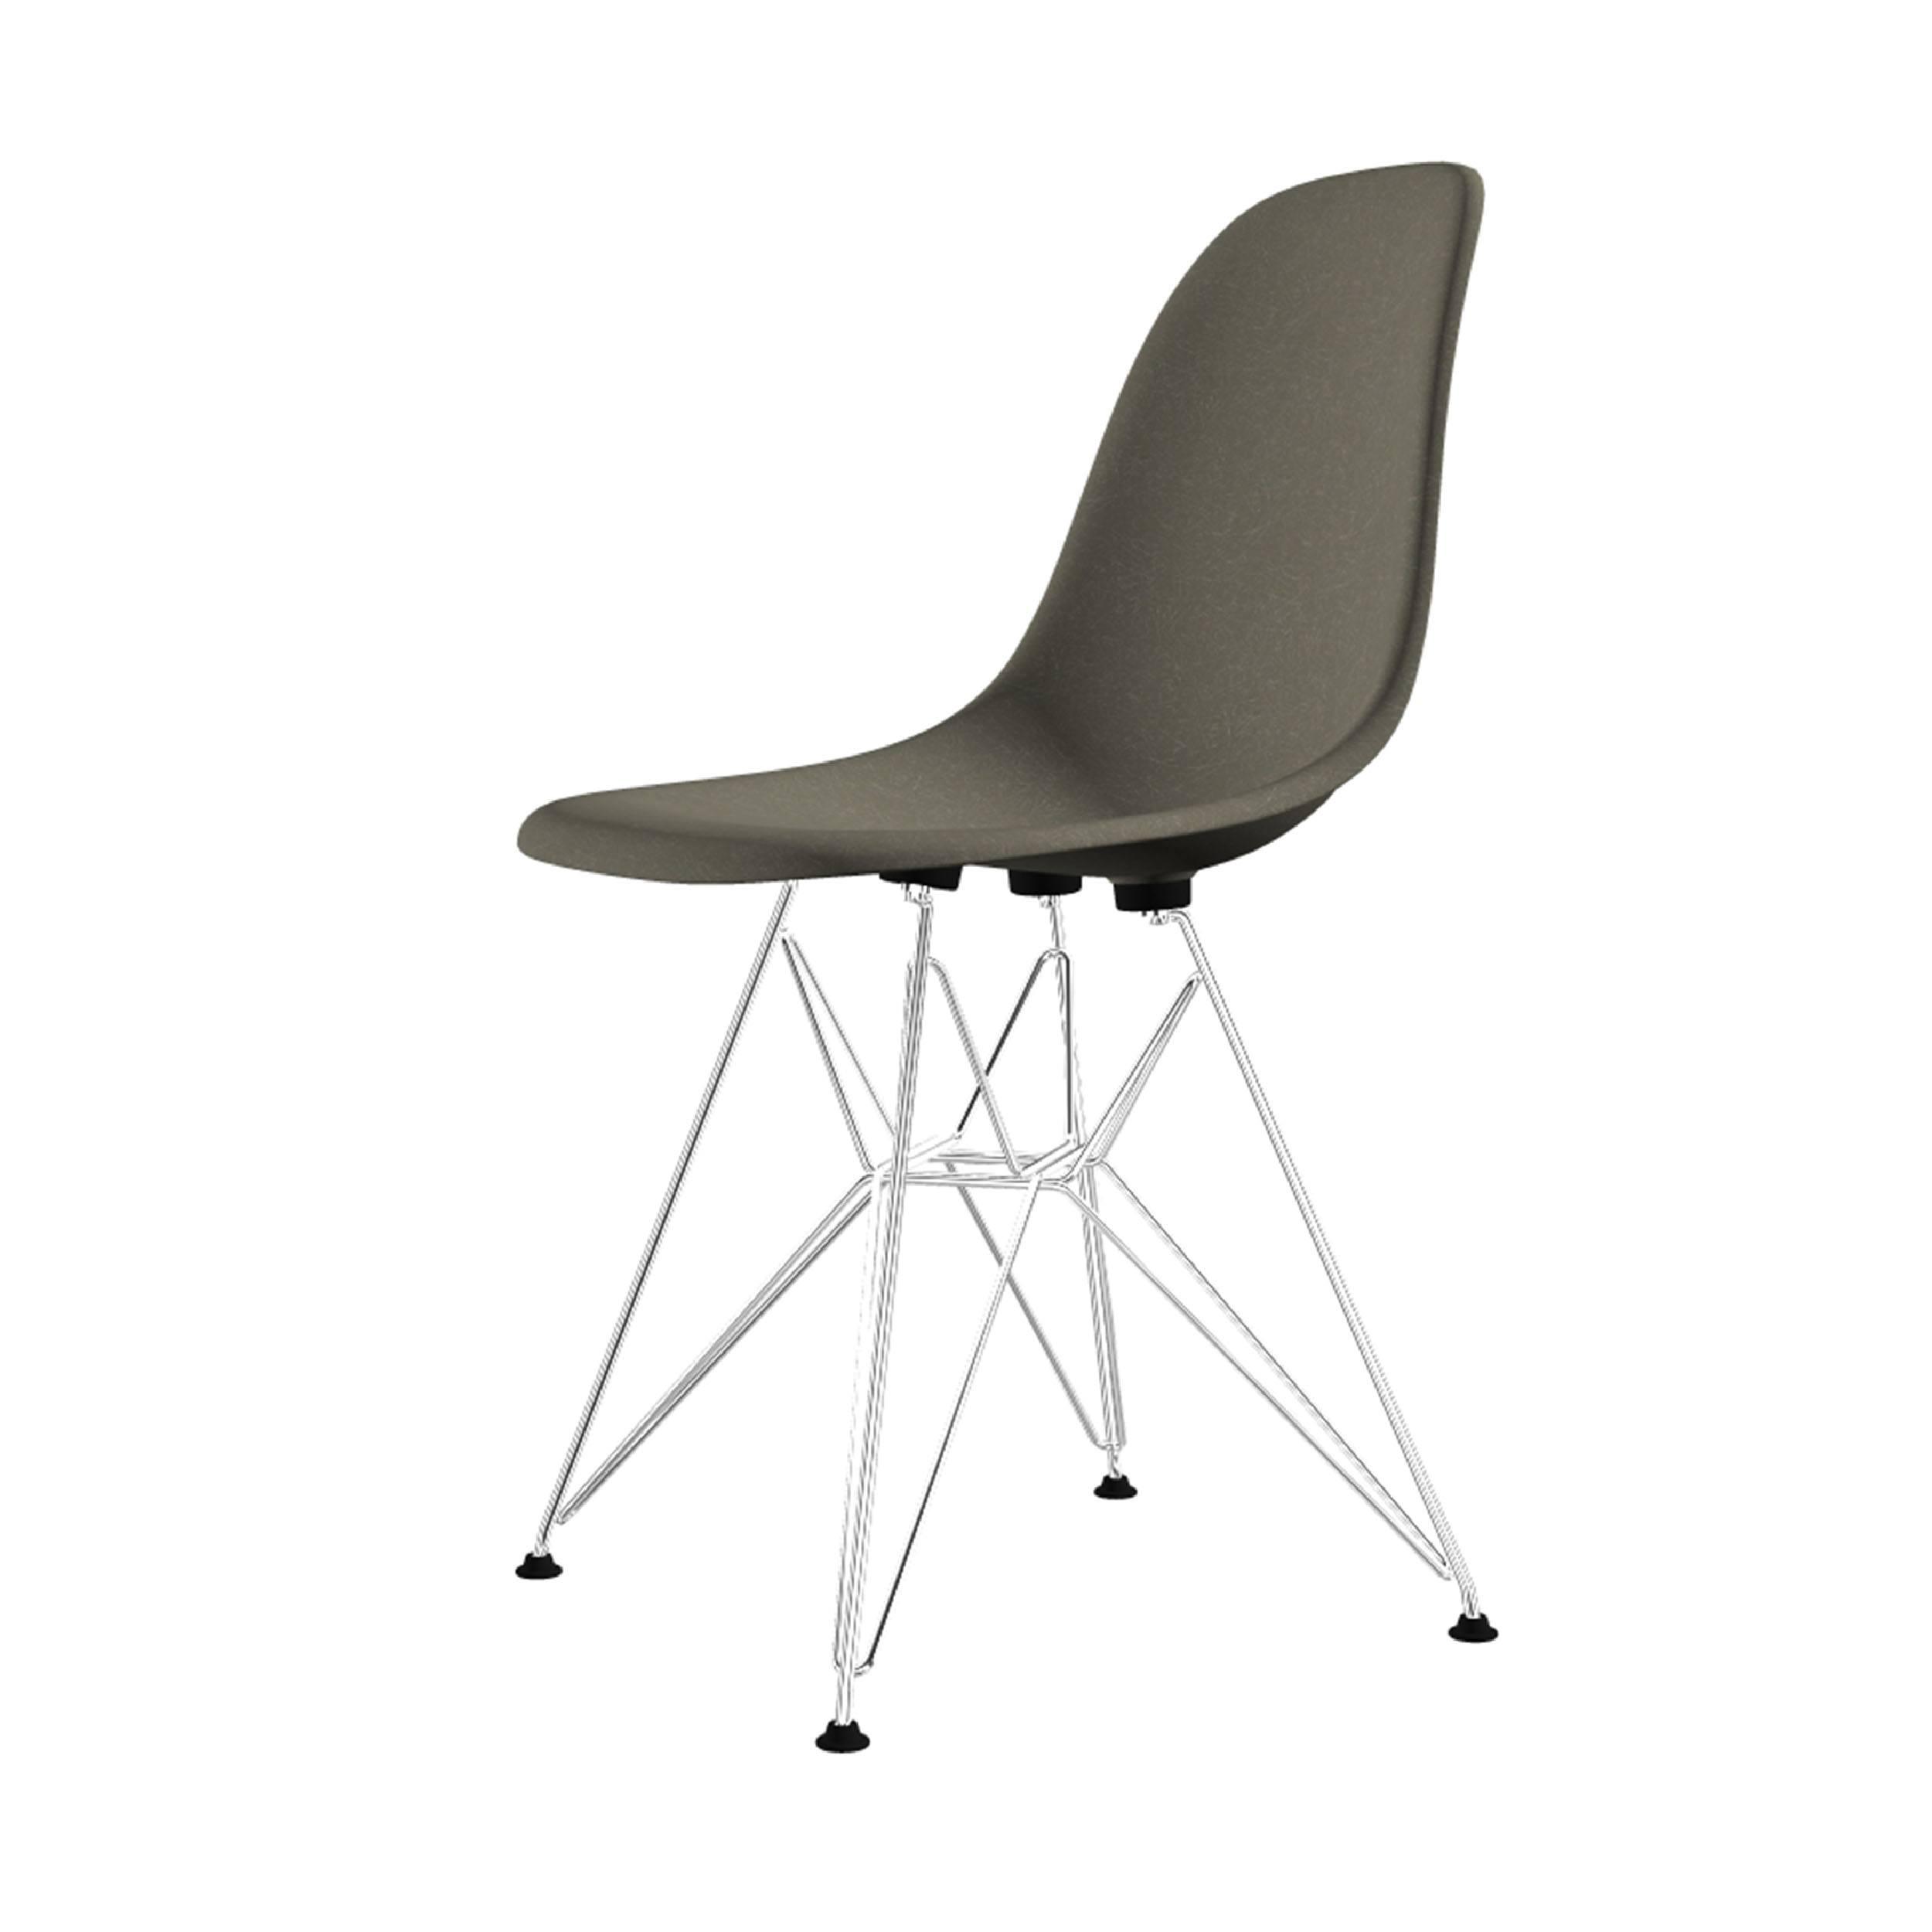 Eames Fiberglass Side Chair Stuhl DSR Filzgleiter